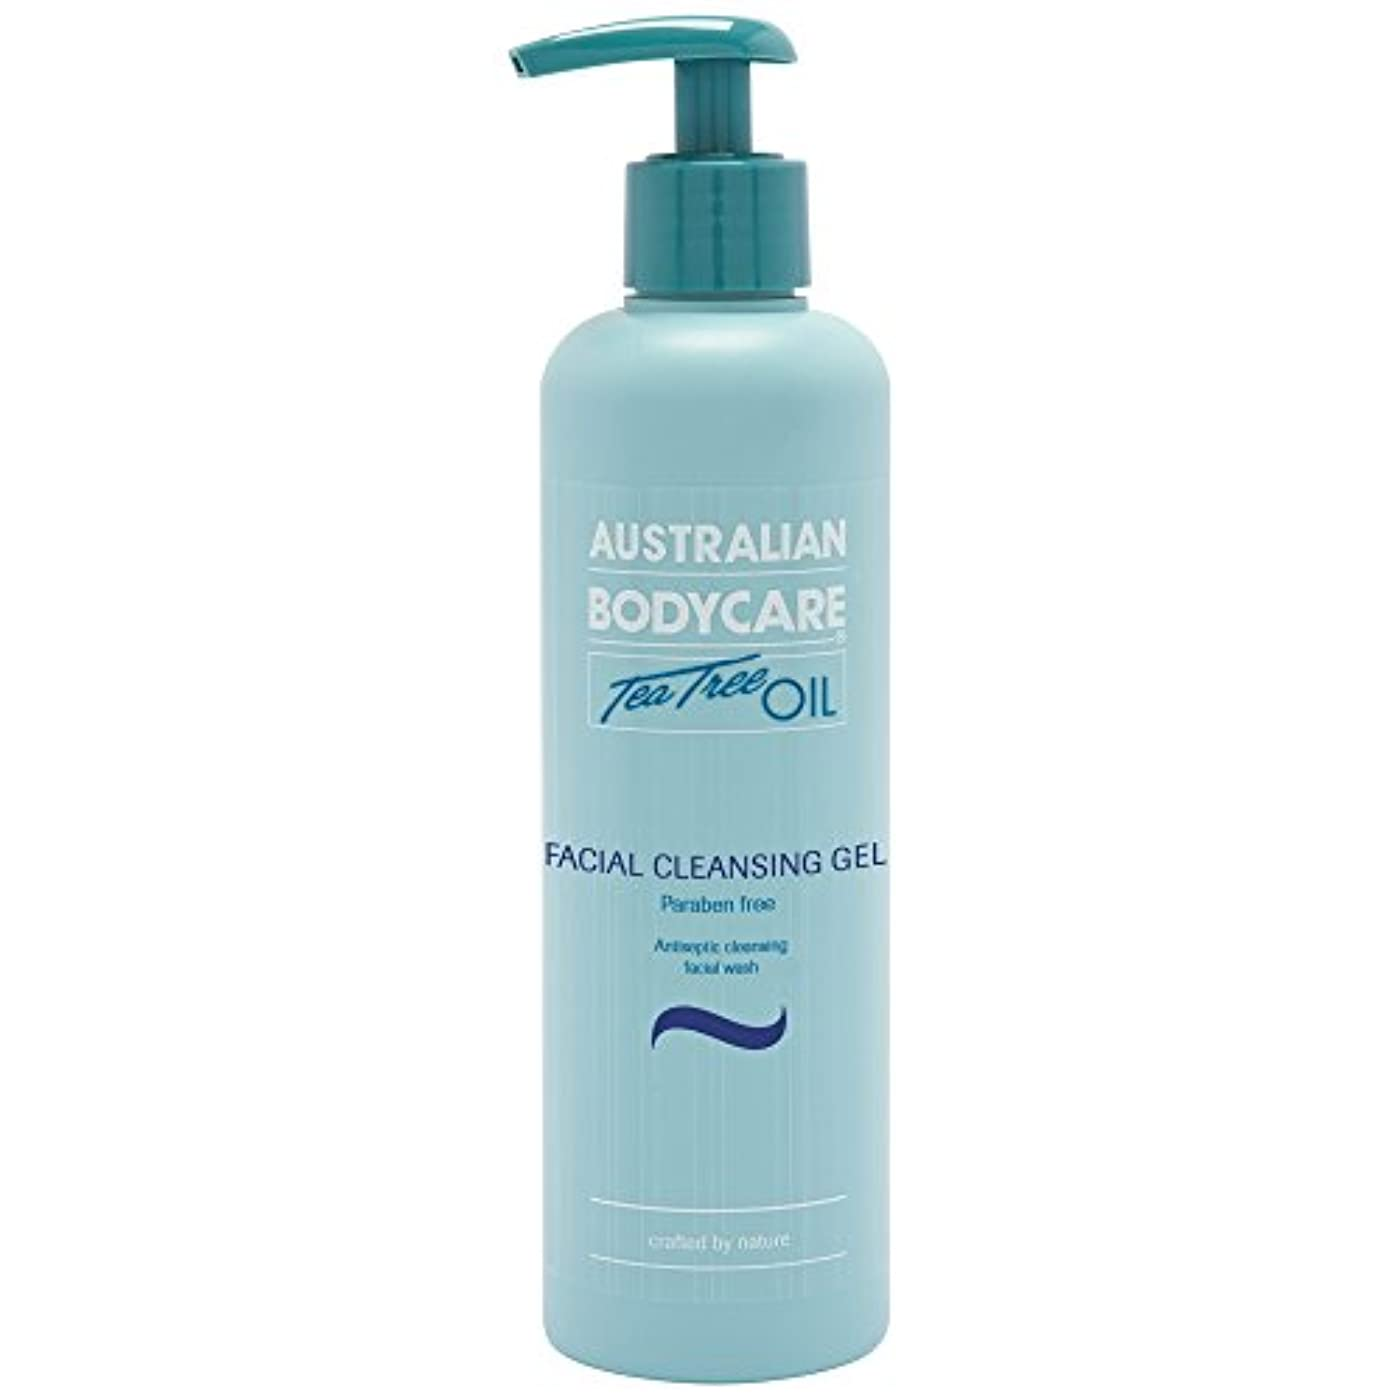 冷蔵庫収束するひらめきオーストラリアのボディーケアティーツリーオイル洗顔ゲル250ミリリットル (Australian Bodycare) (x2) - Australian Bodycare Tea Tree Oil Facial Cleansing...